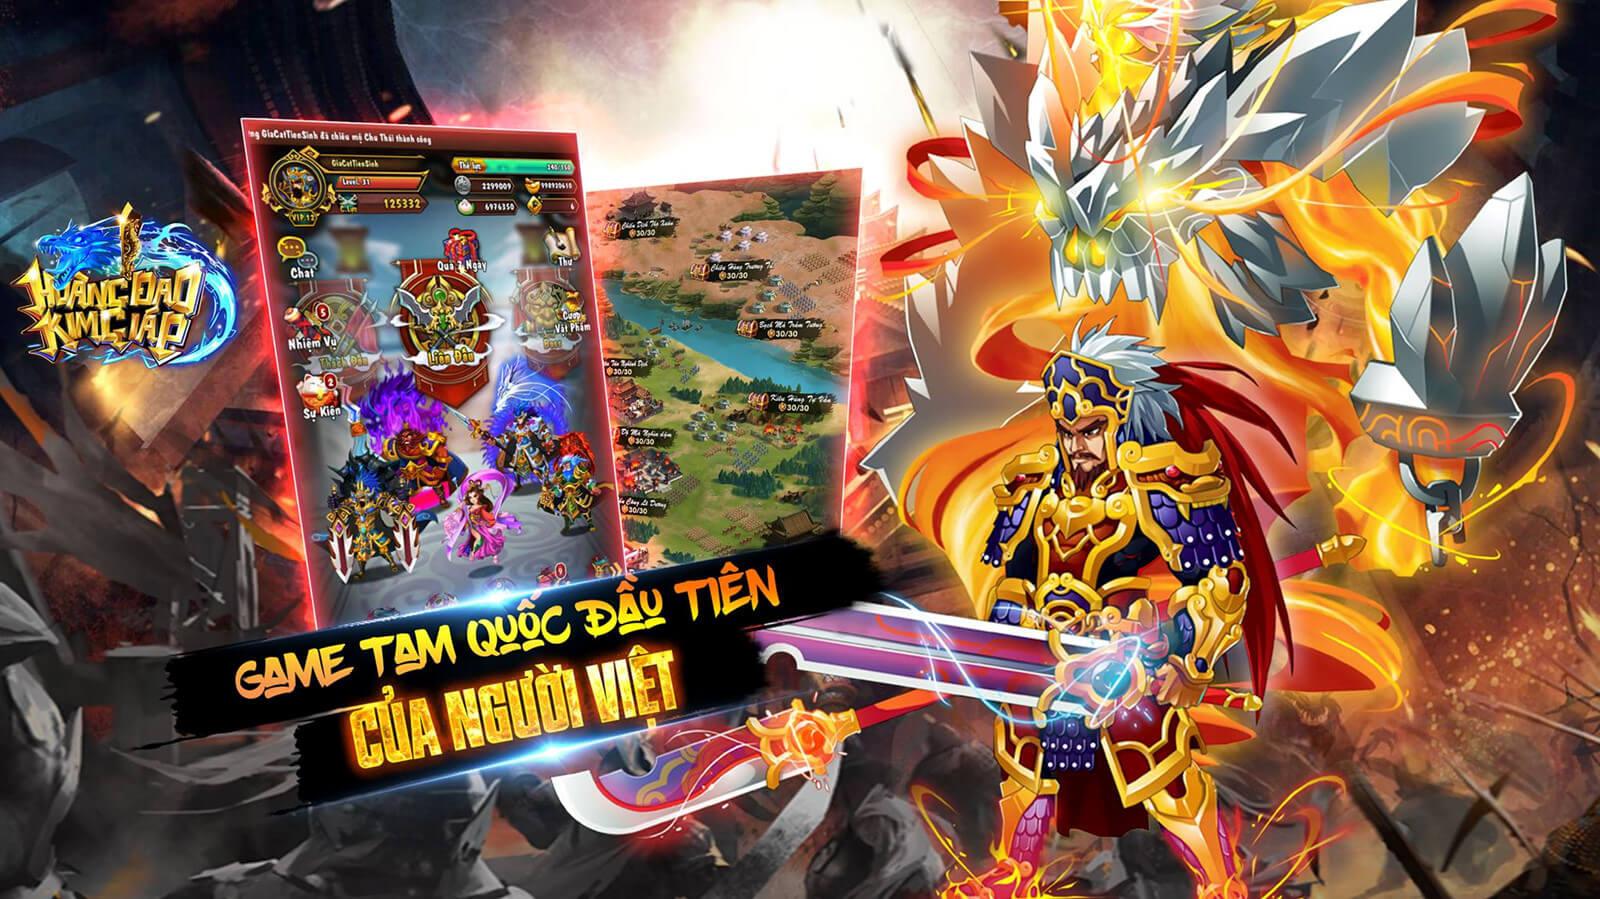 Hình ảnh Game Hoang Dao Kim Giap in Hoàng Đao Kim Giáp – Game Tam Quốc Chiến thuật